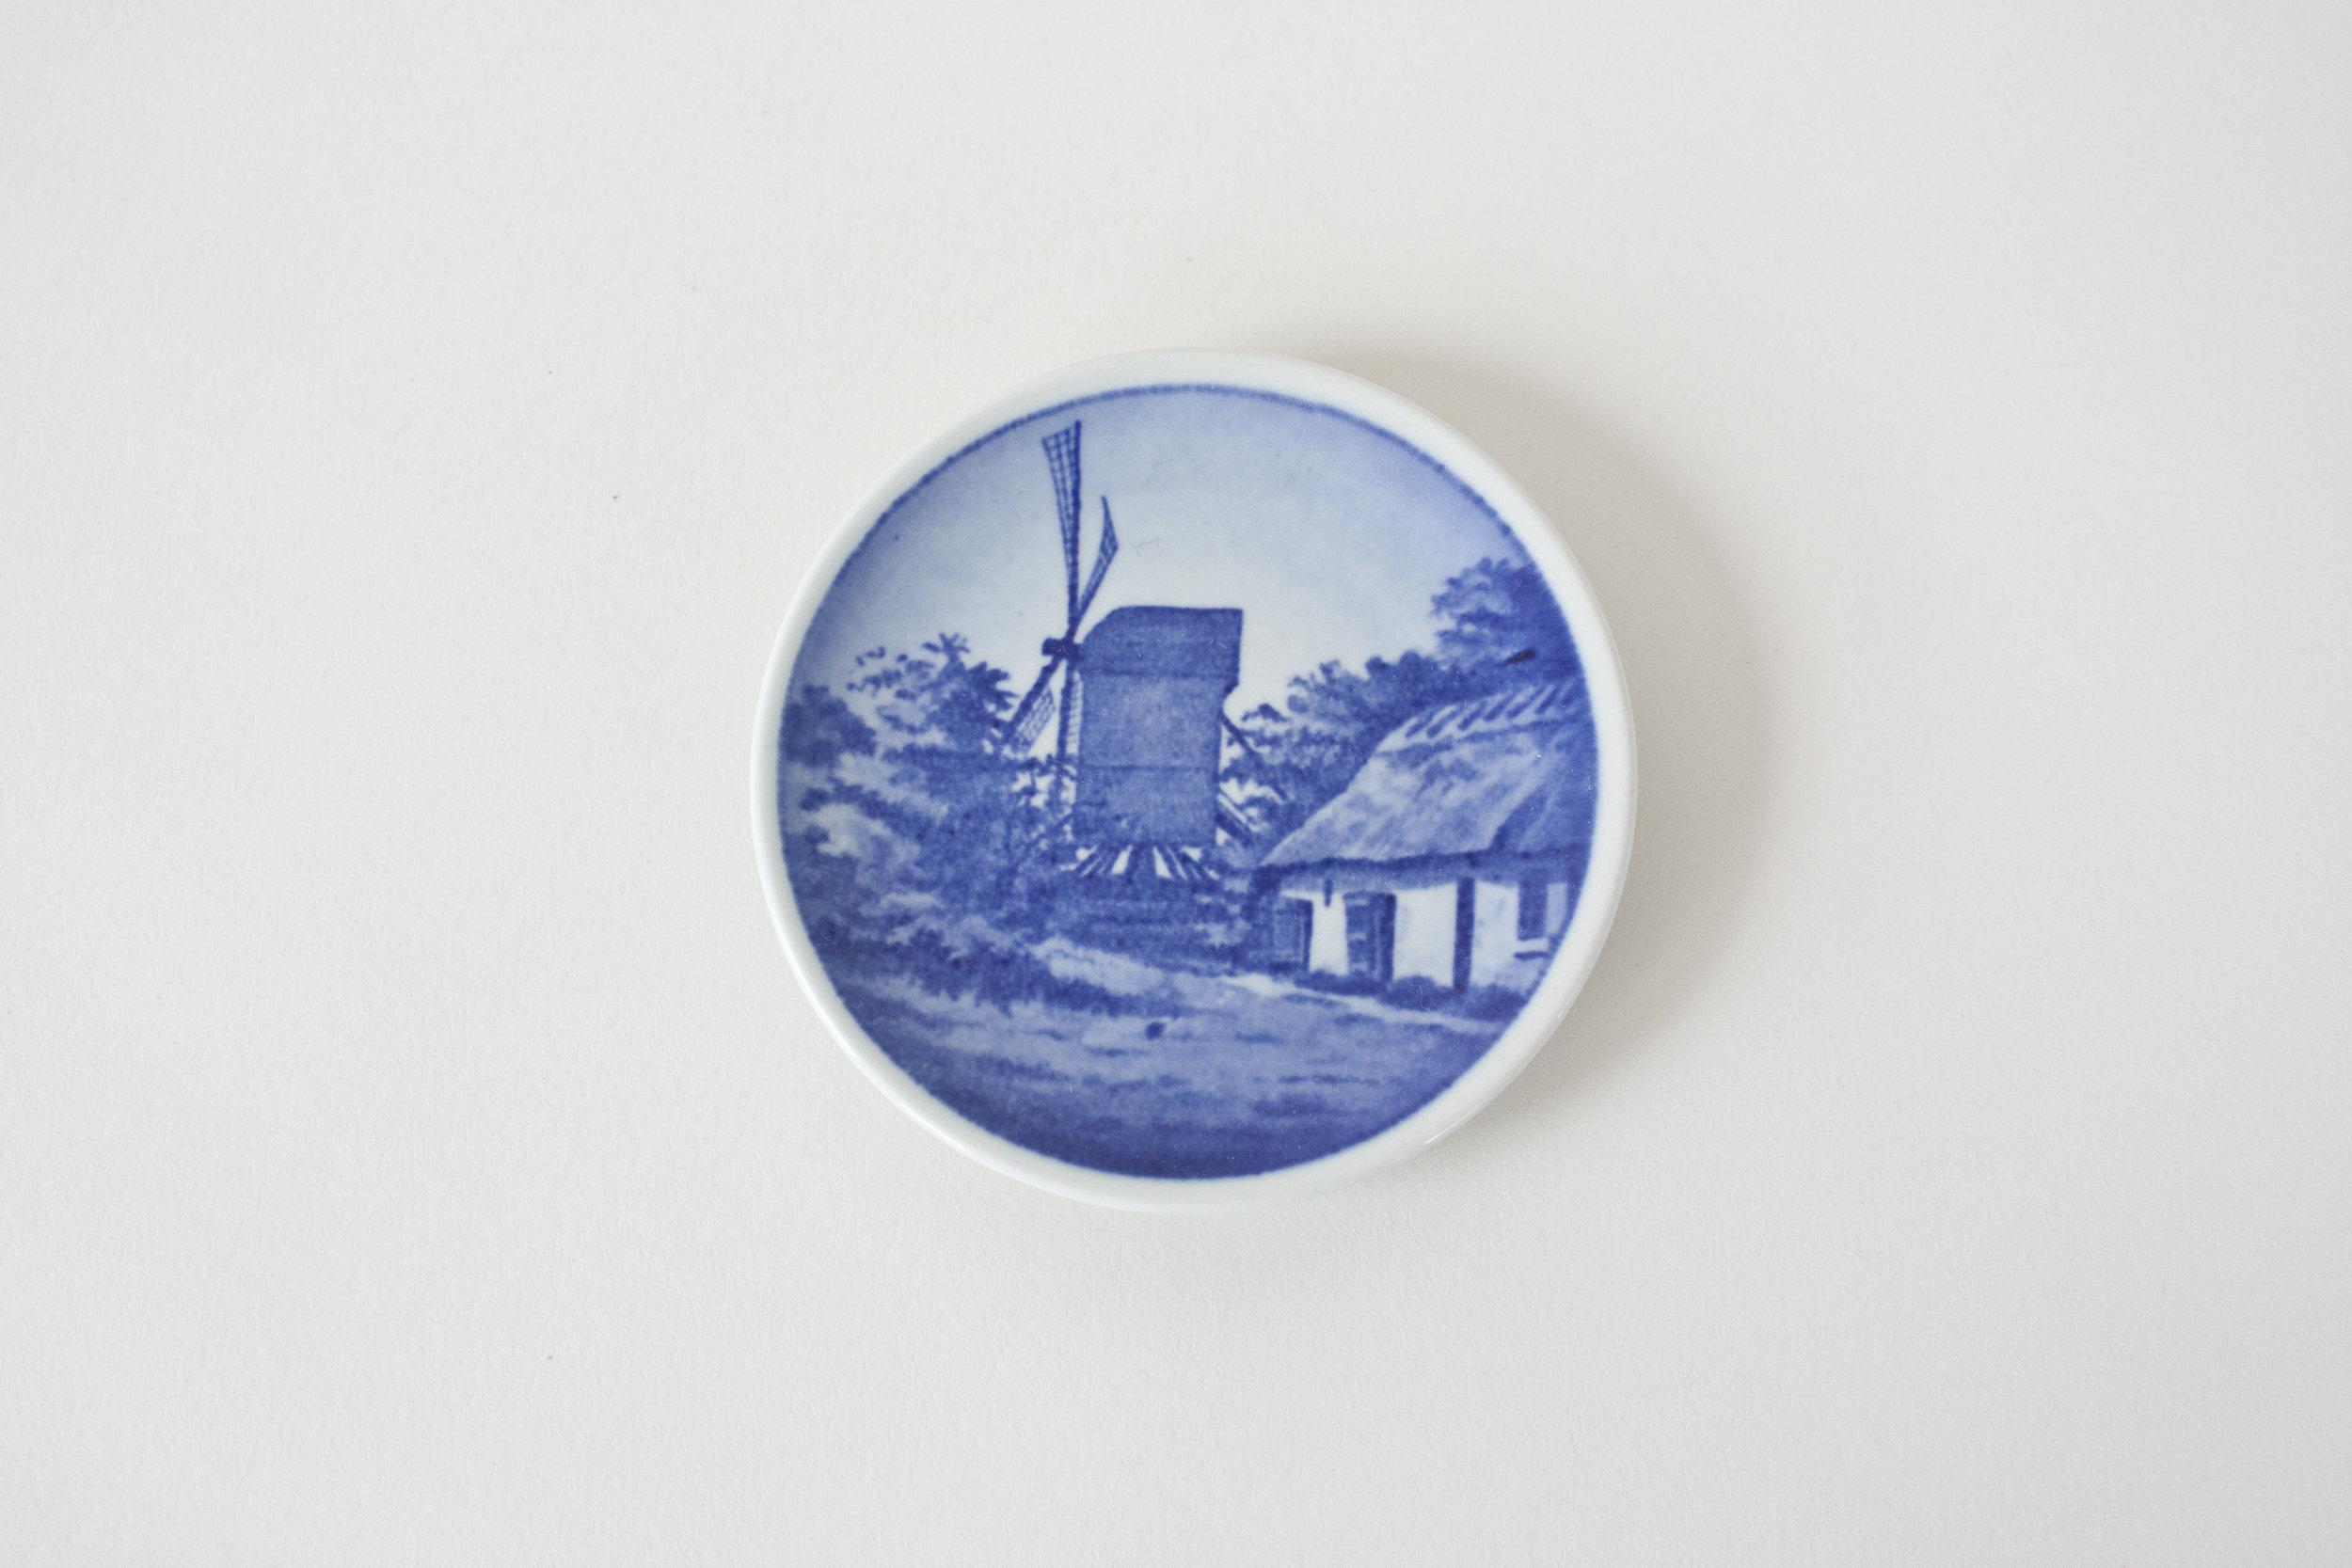 16-2. blue transfer ware mini plate